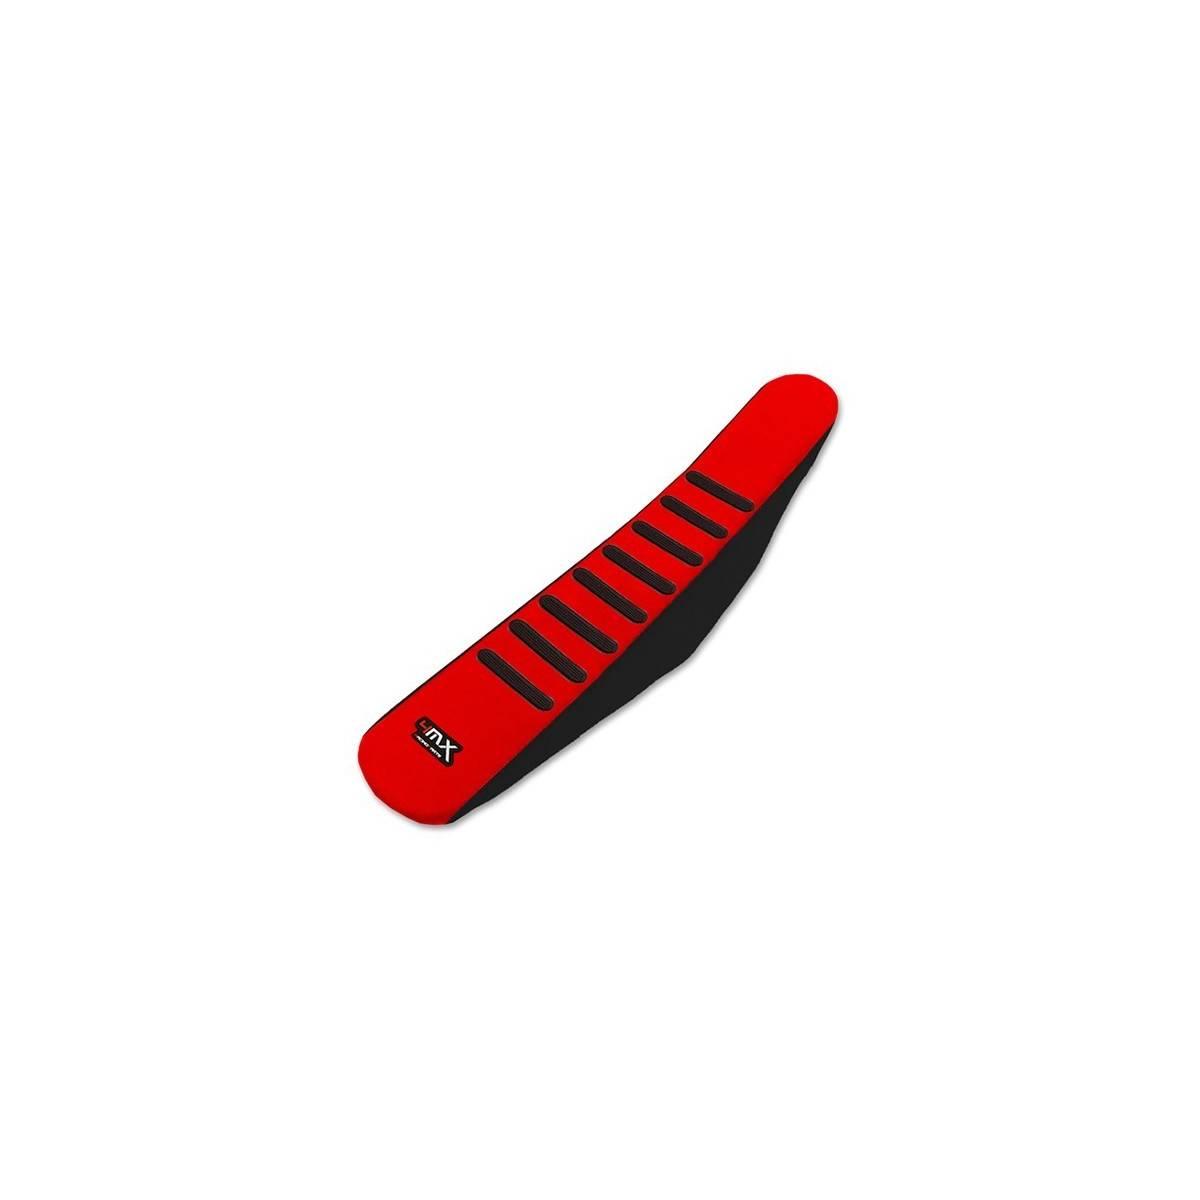 01CAP1011 - Funda Sillon 4 Mx Honda Cr 125 250 02 08´ Crf 450 02 04 Negro Rojo